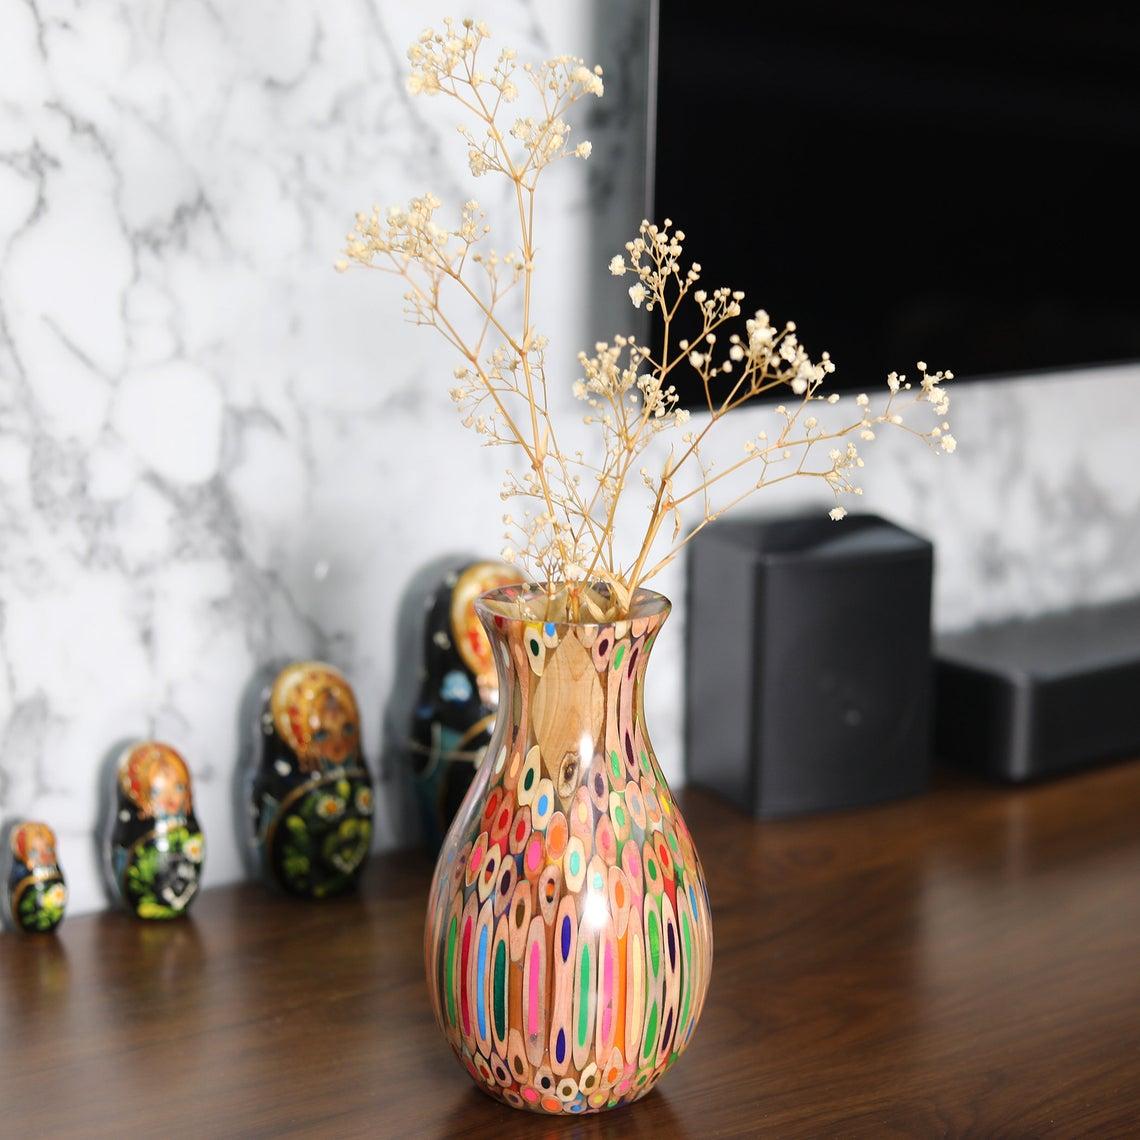 Decorative Colored-pencil Peacock Vase